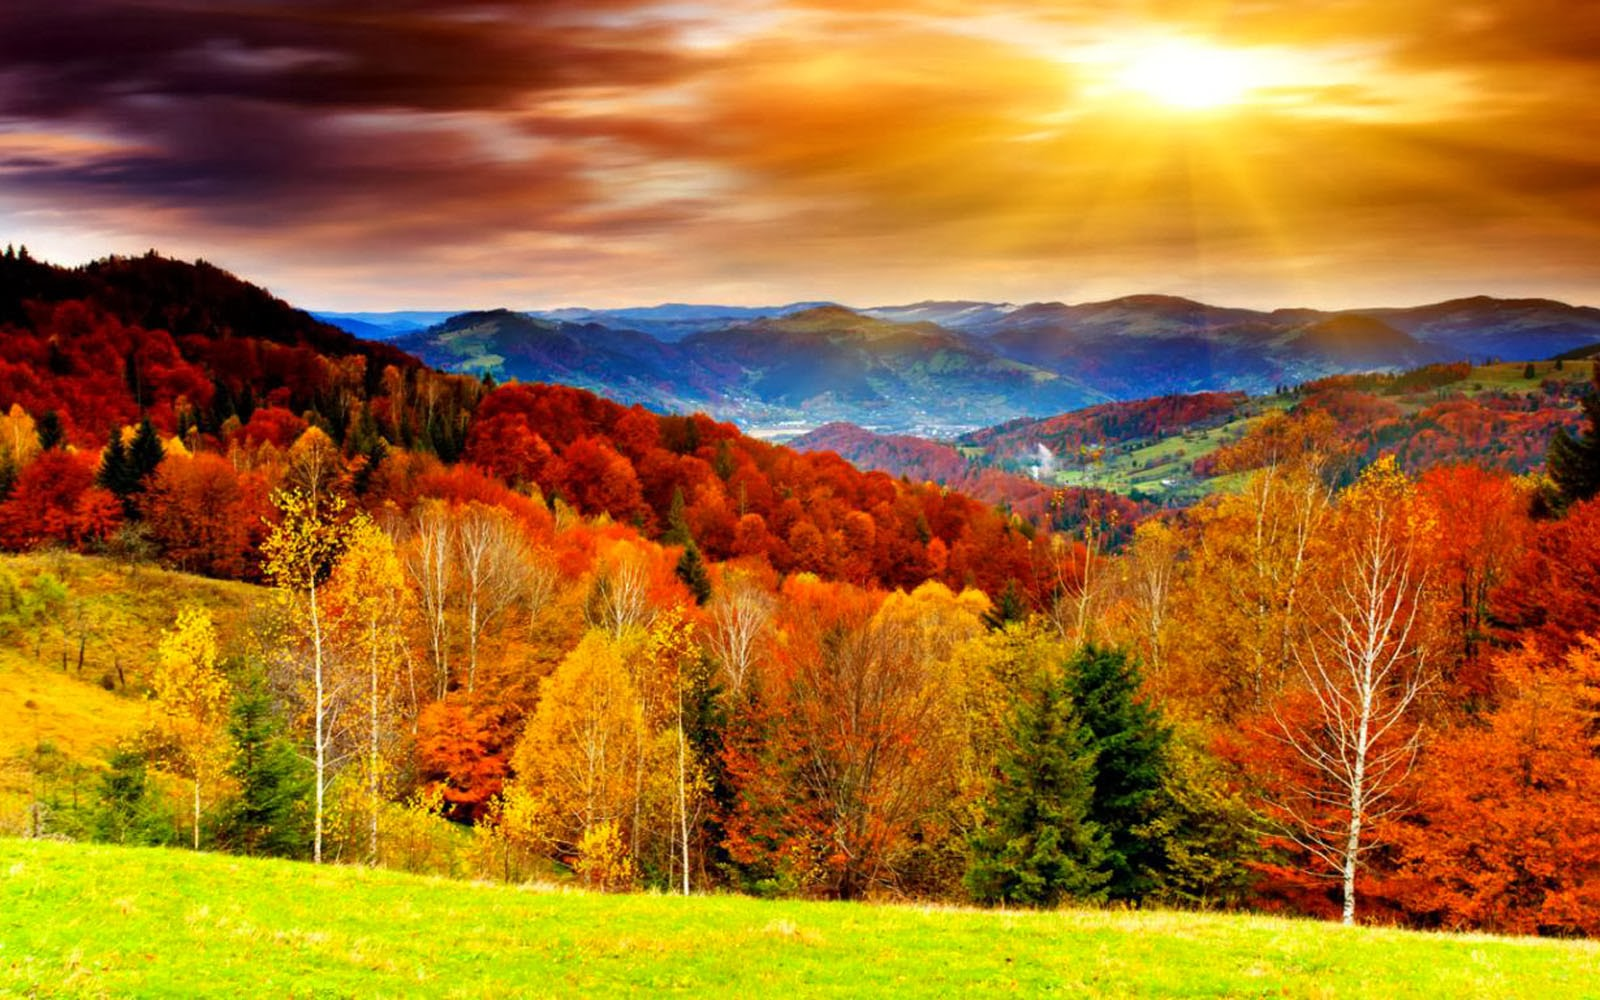 wallpapers Autumn Scenery Desktop Wallpapers 1600x1000